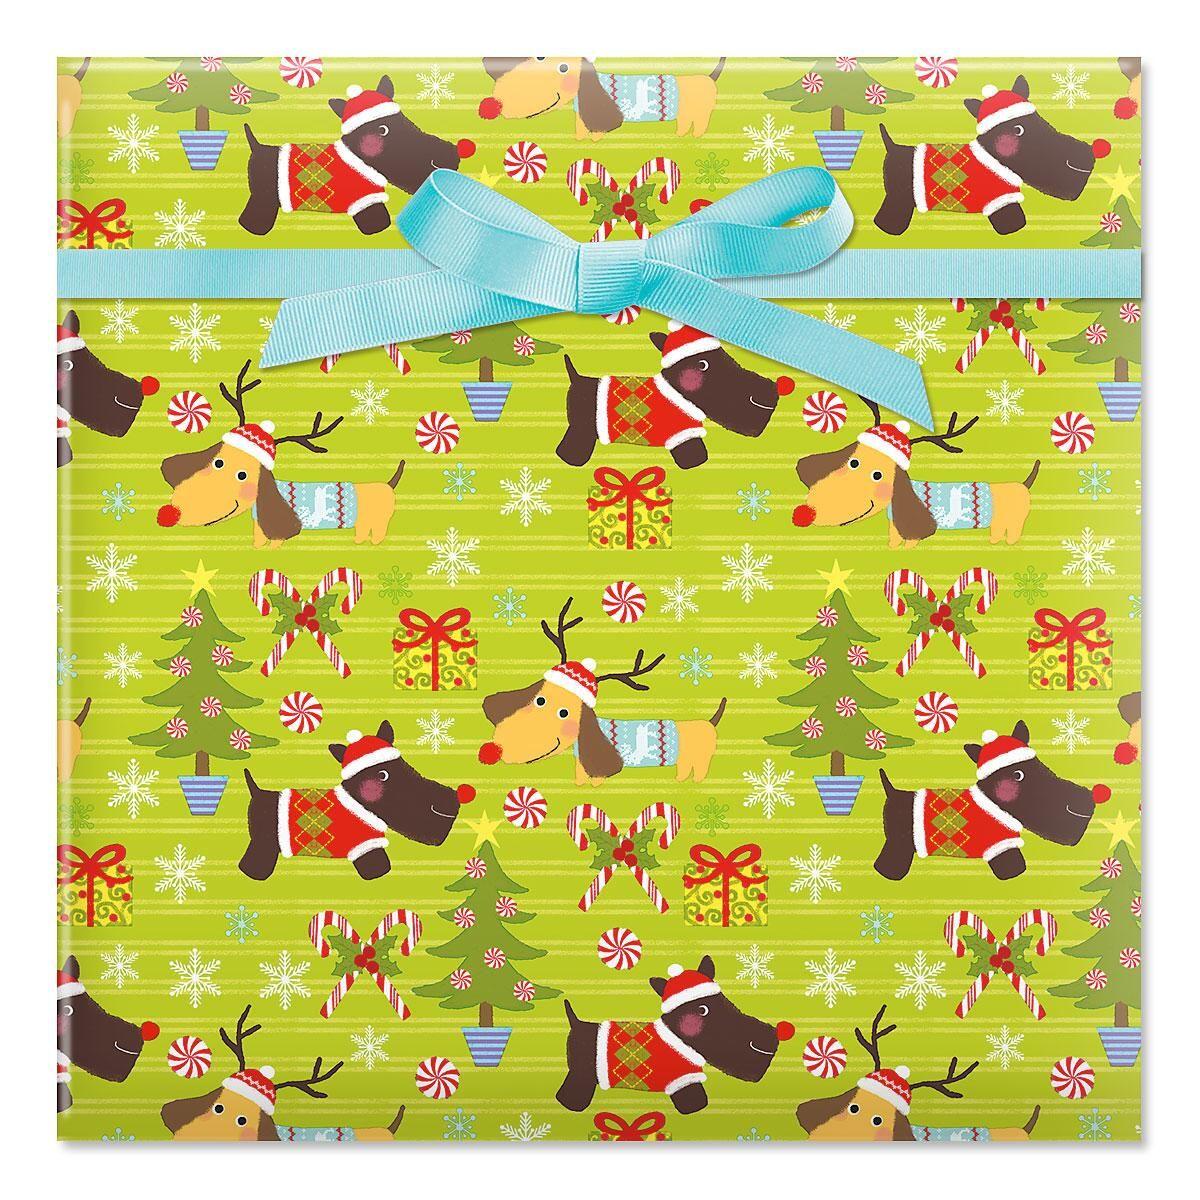 Christmas Puppies Jumbo Rolled Gift Wrap